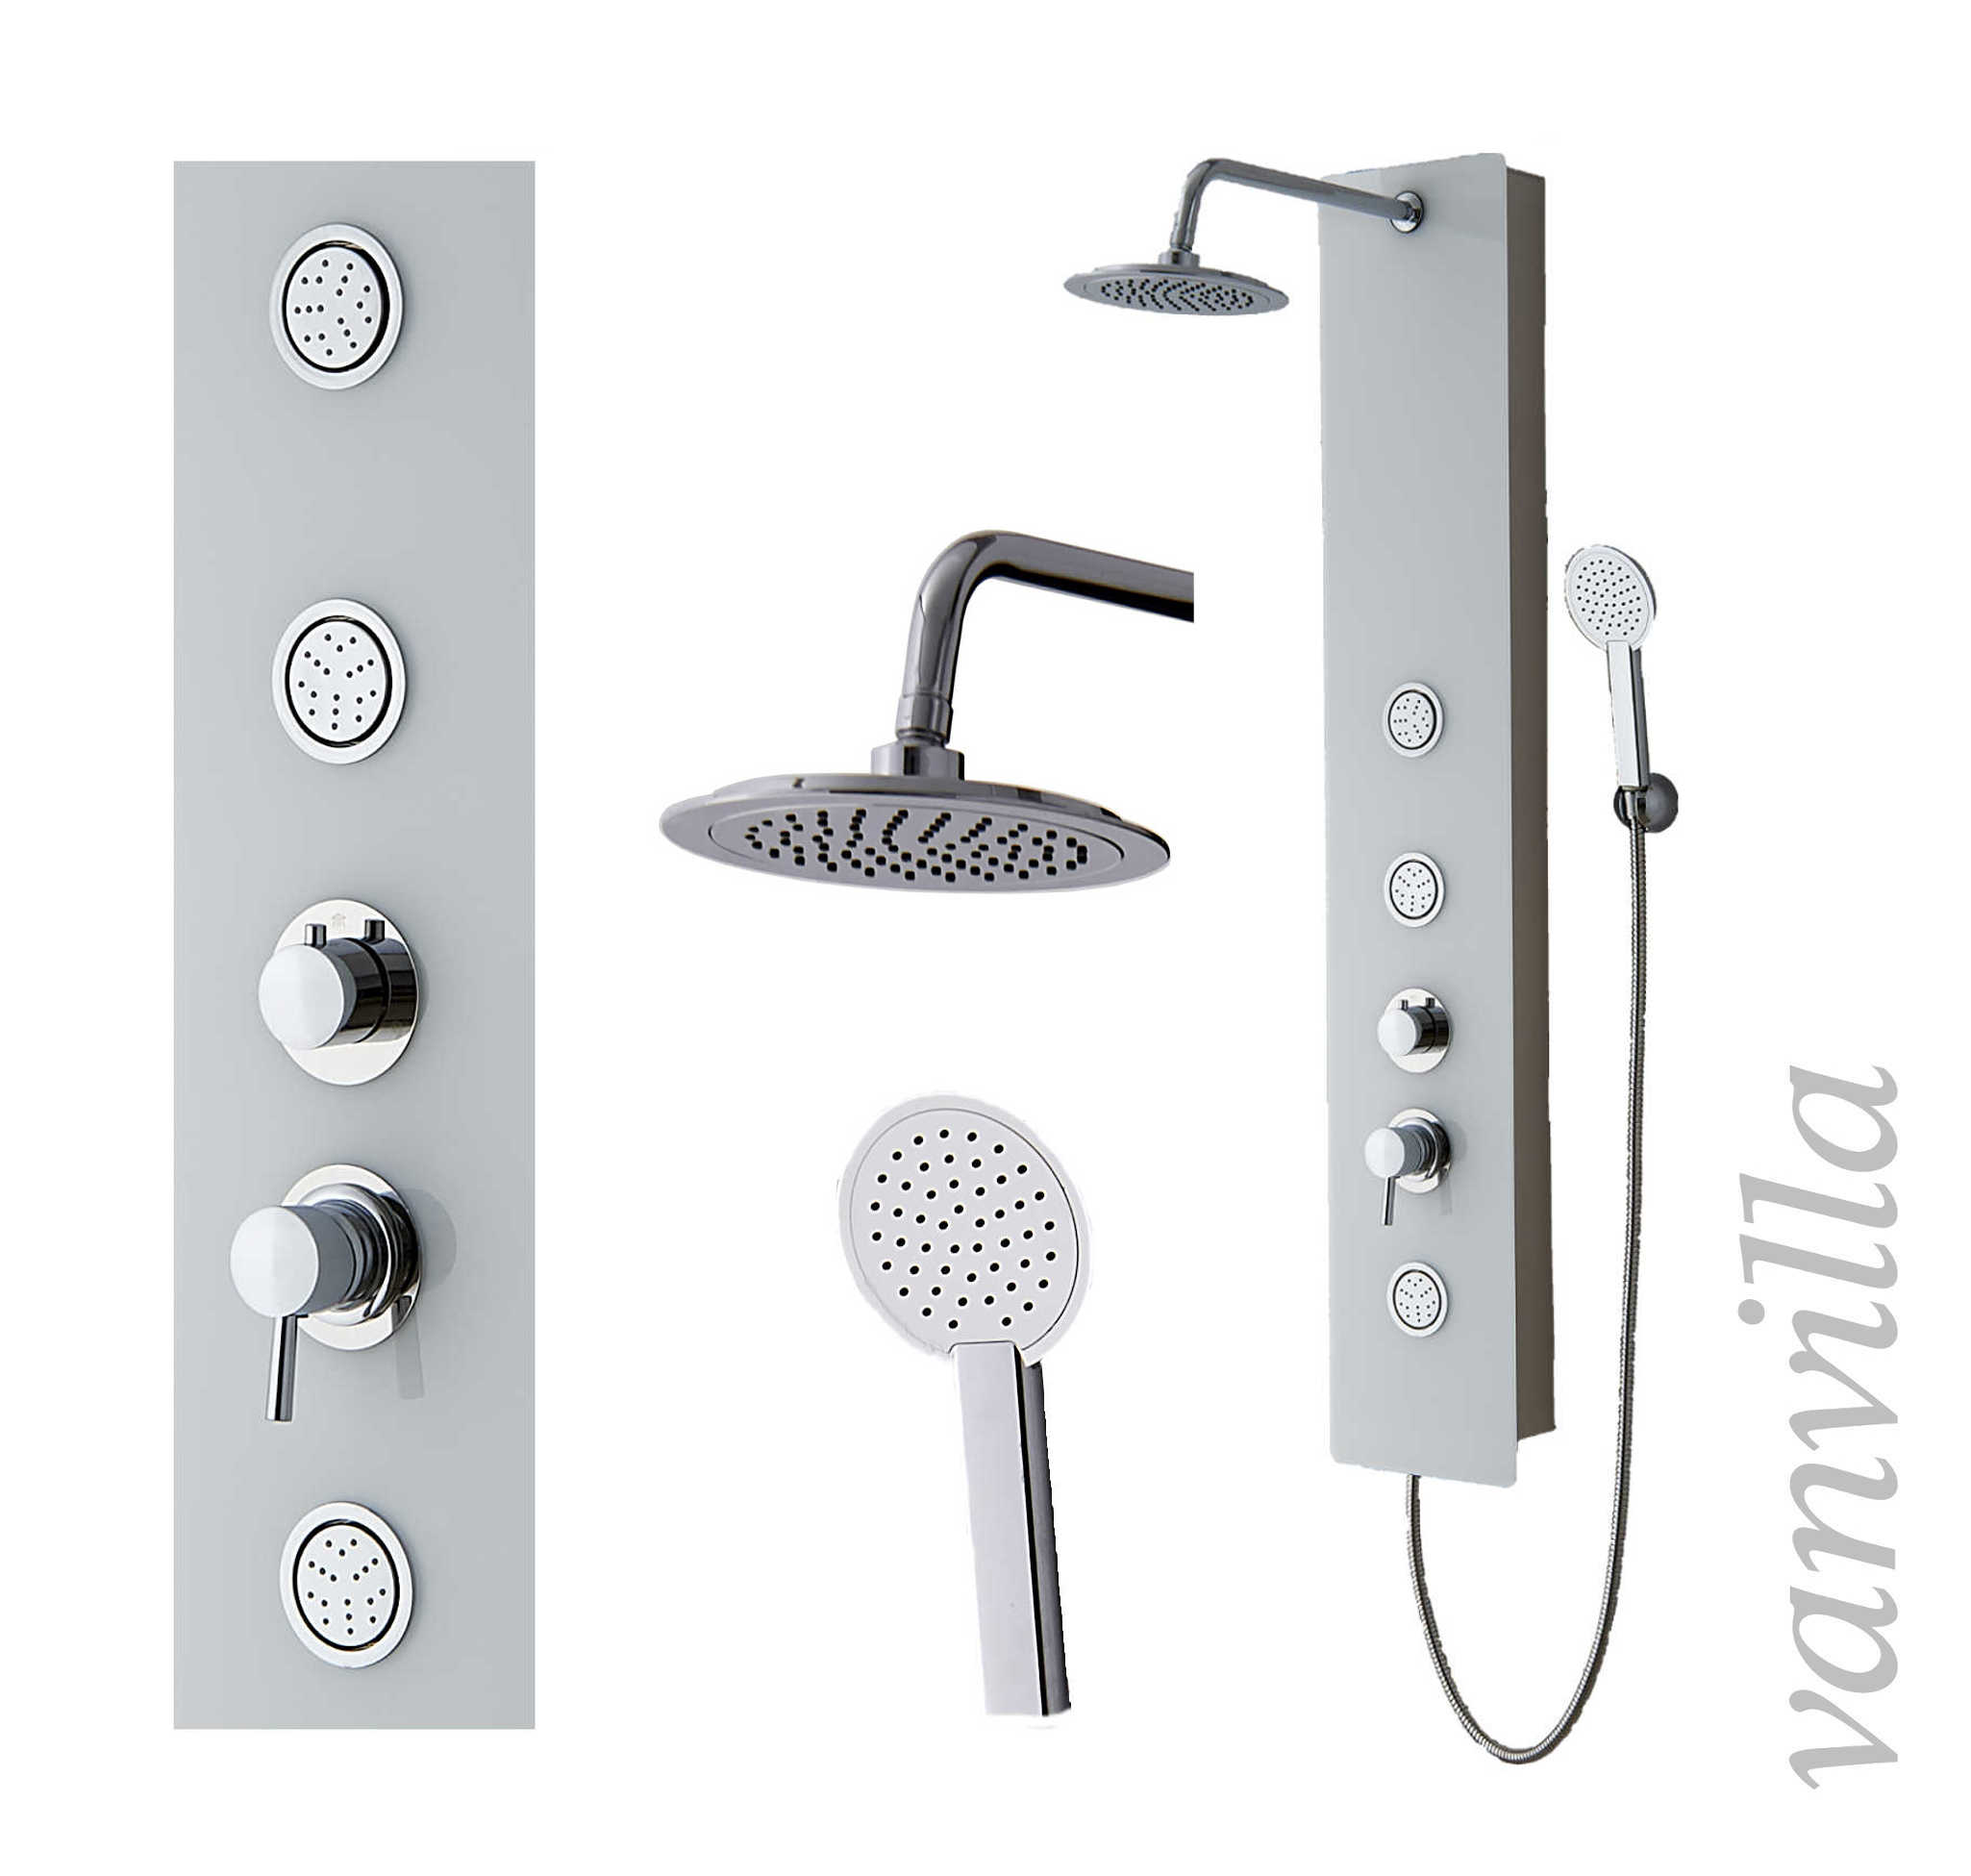 duschpaneel glas einhebel duschs ule brausepaneel regendusche duscharmatur ebay. Black Bedroom Furniture Sets. Home Design Ideas